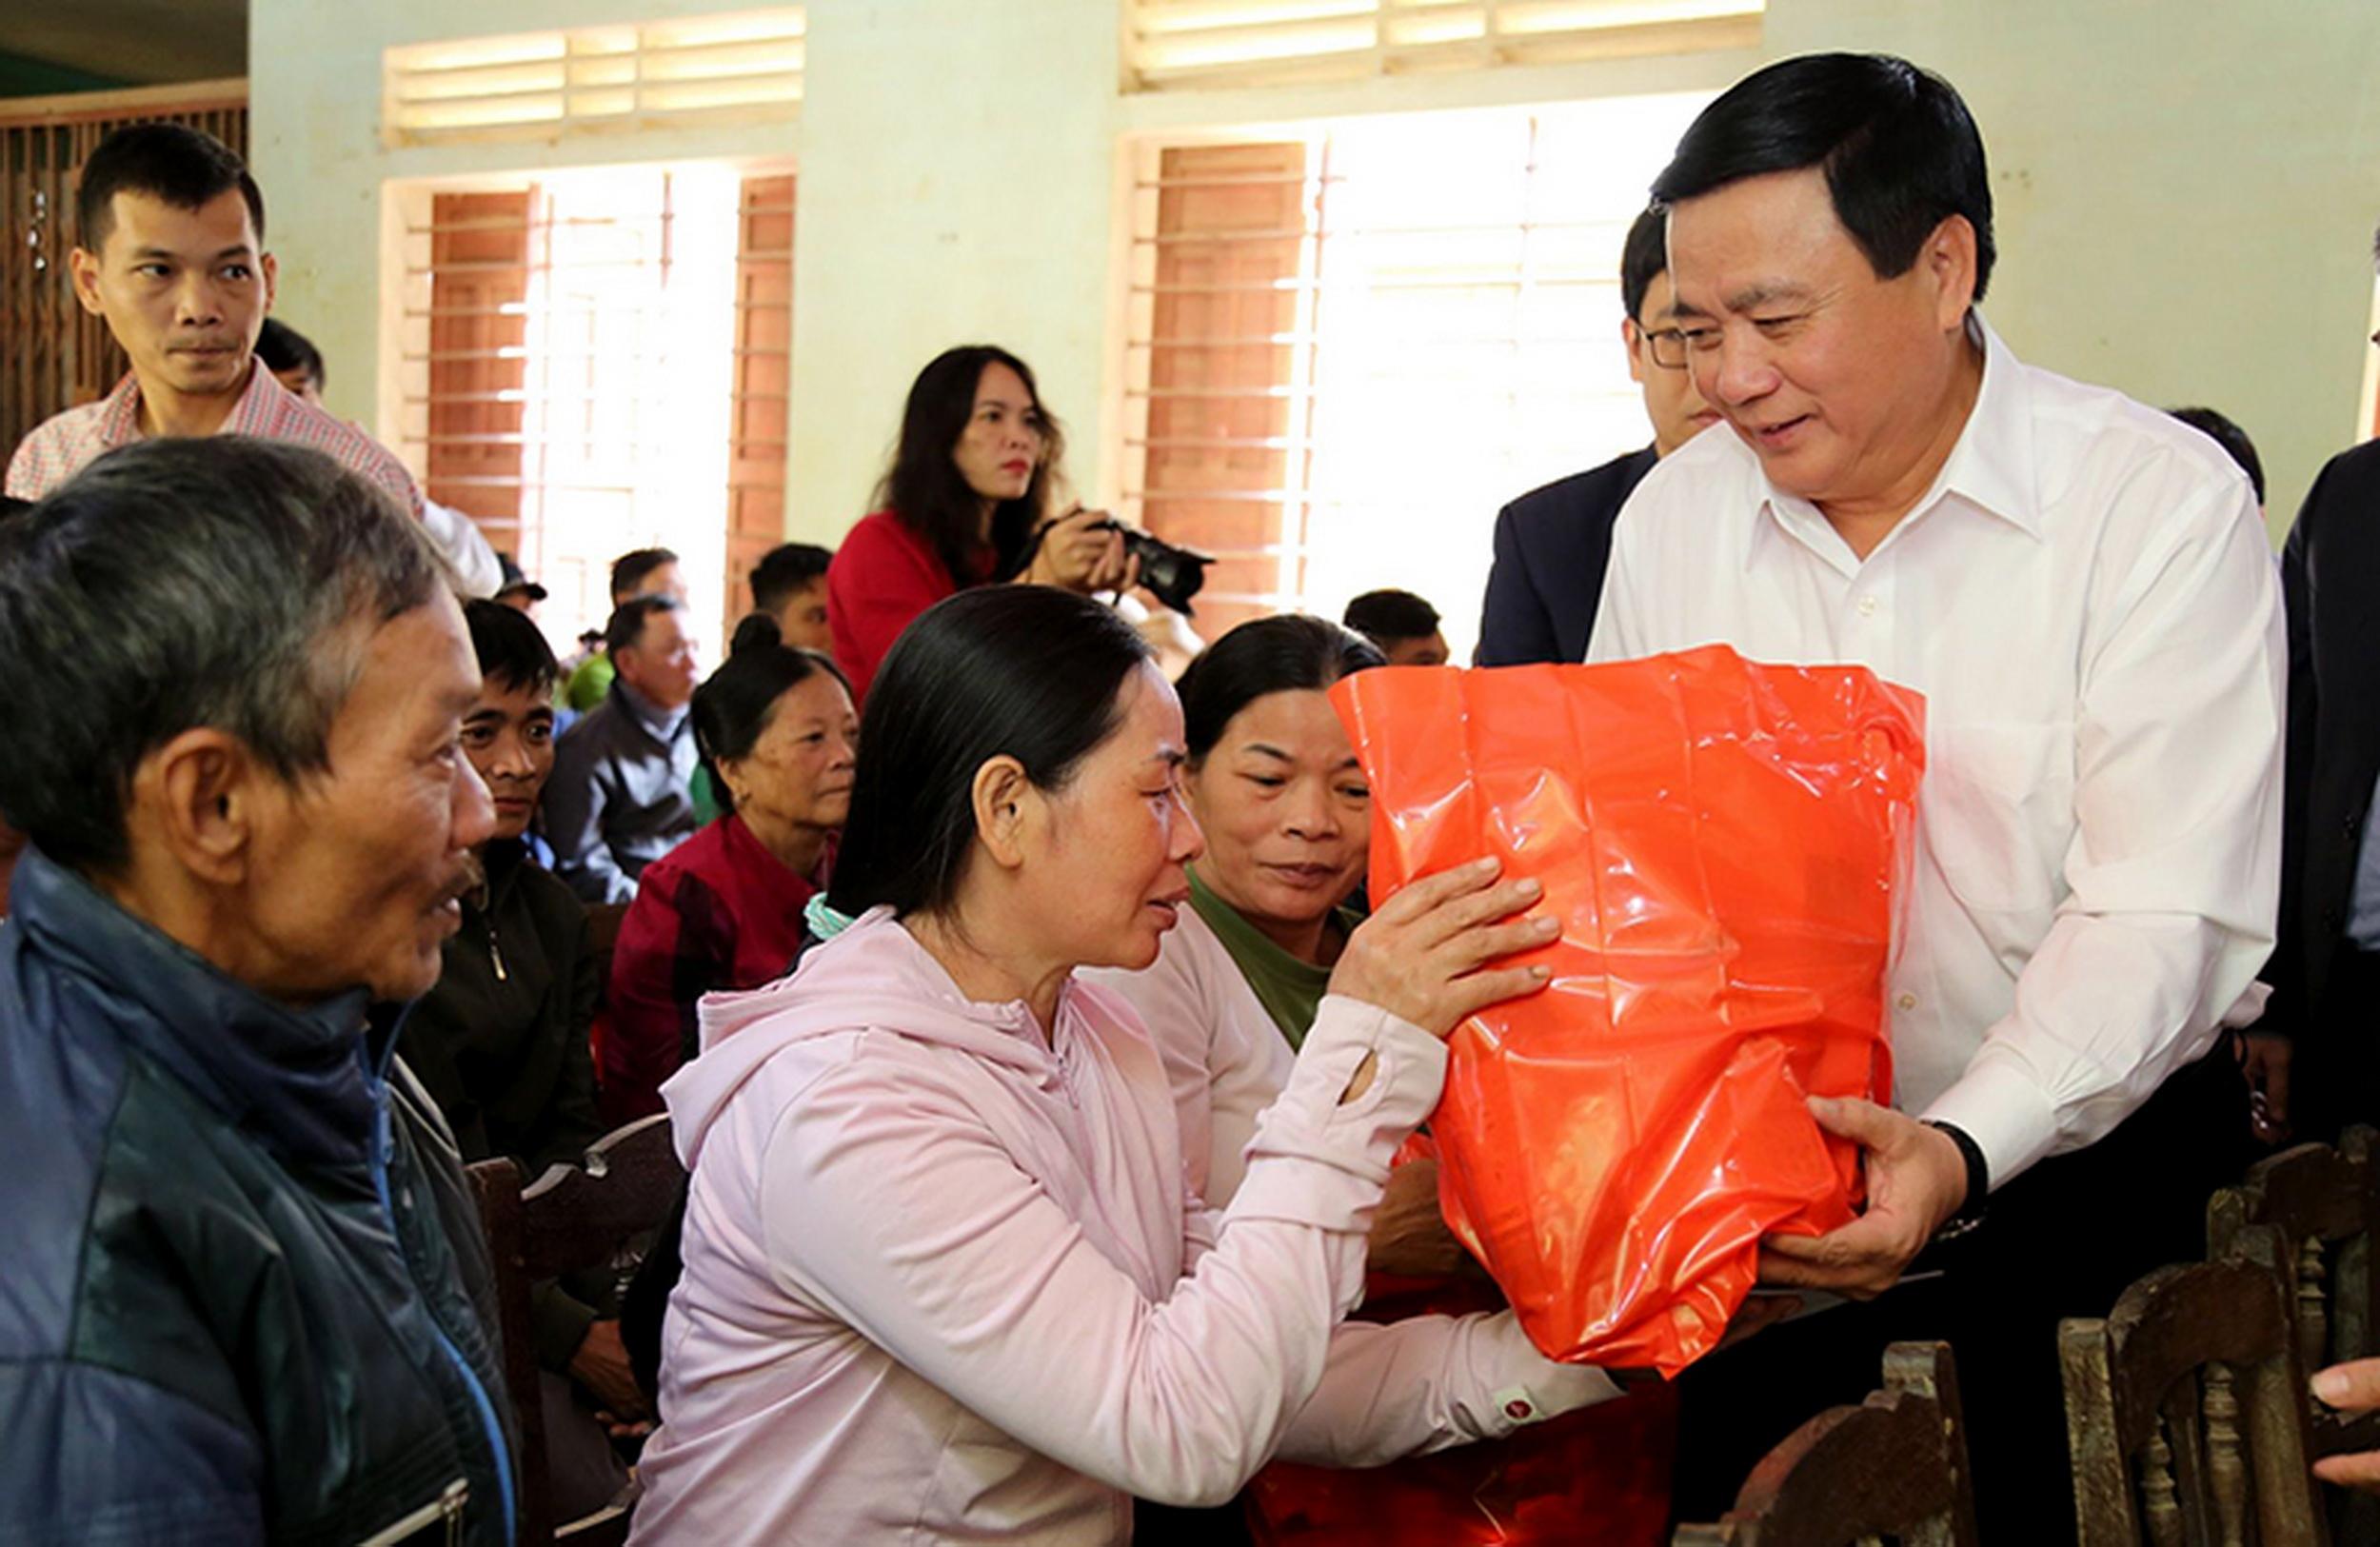 ồng chí Nguyễn Xuân Thắng, Bí thư Trung ương Đảng, Giám đốc Học viện Chính trị quốc gia Hồ Chí Minh thăm hỏi và tặng quà đồng bào miền Trung